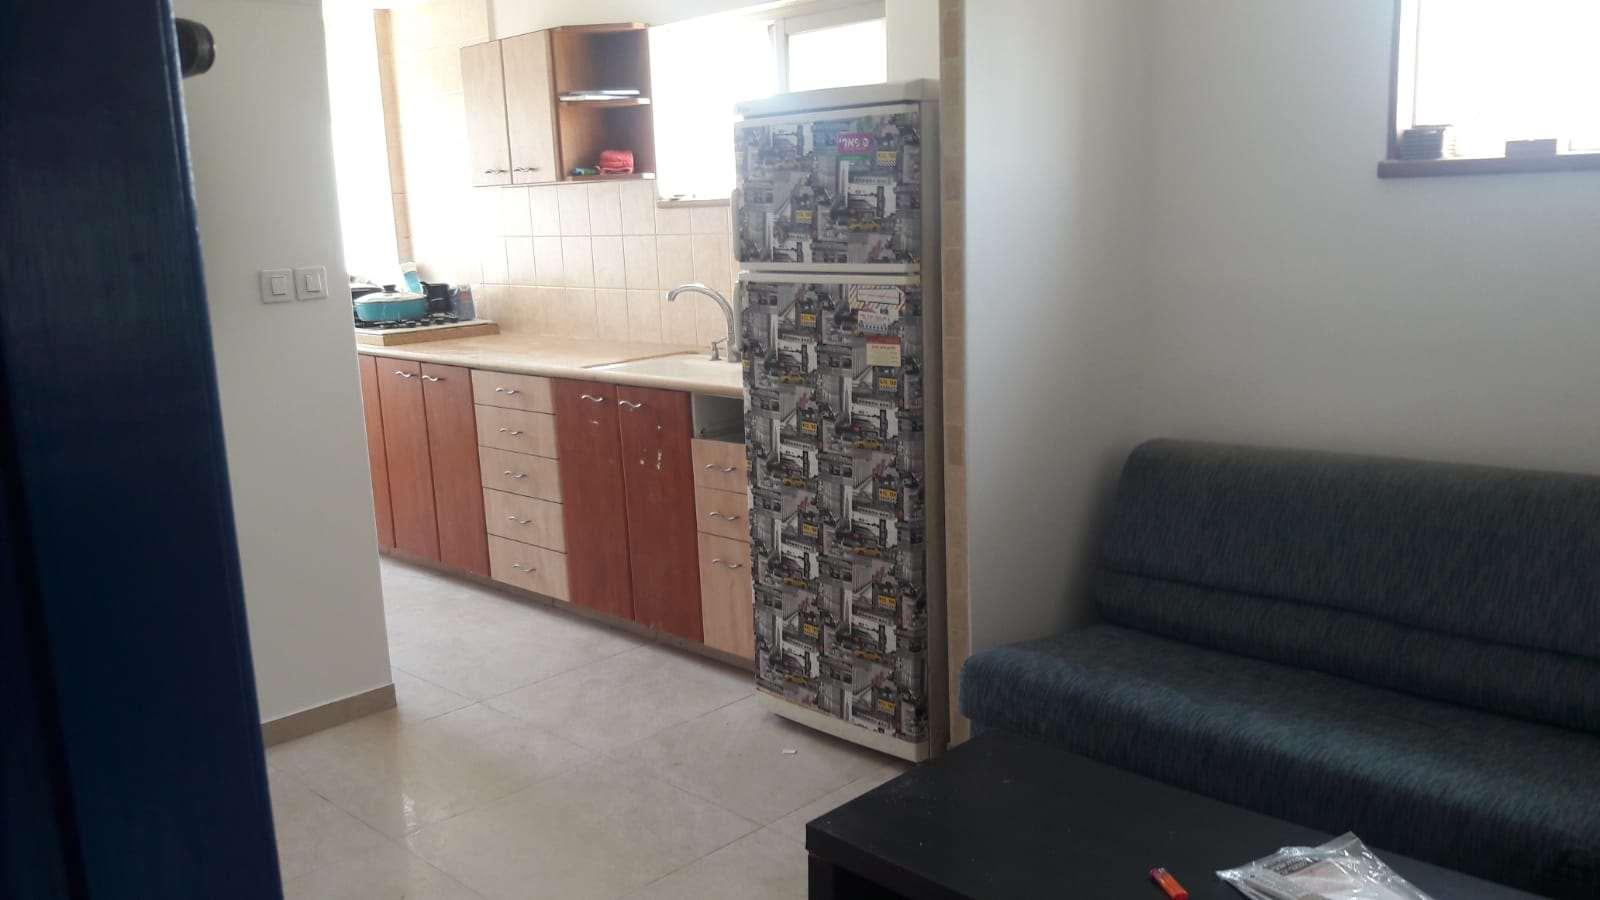 דירה להשכרה 2.5 חדרים בירושלים הנביאים זכרן משה